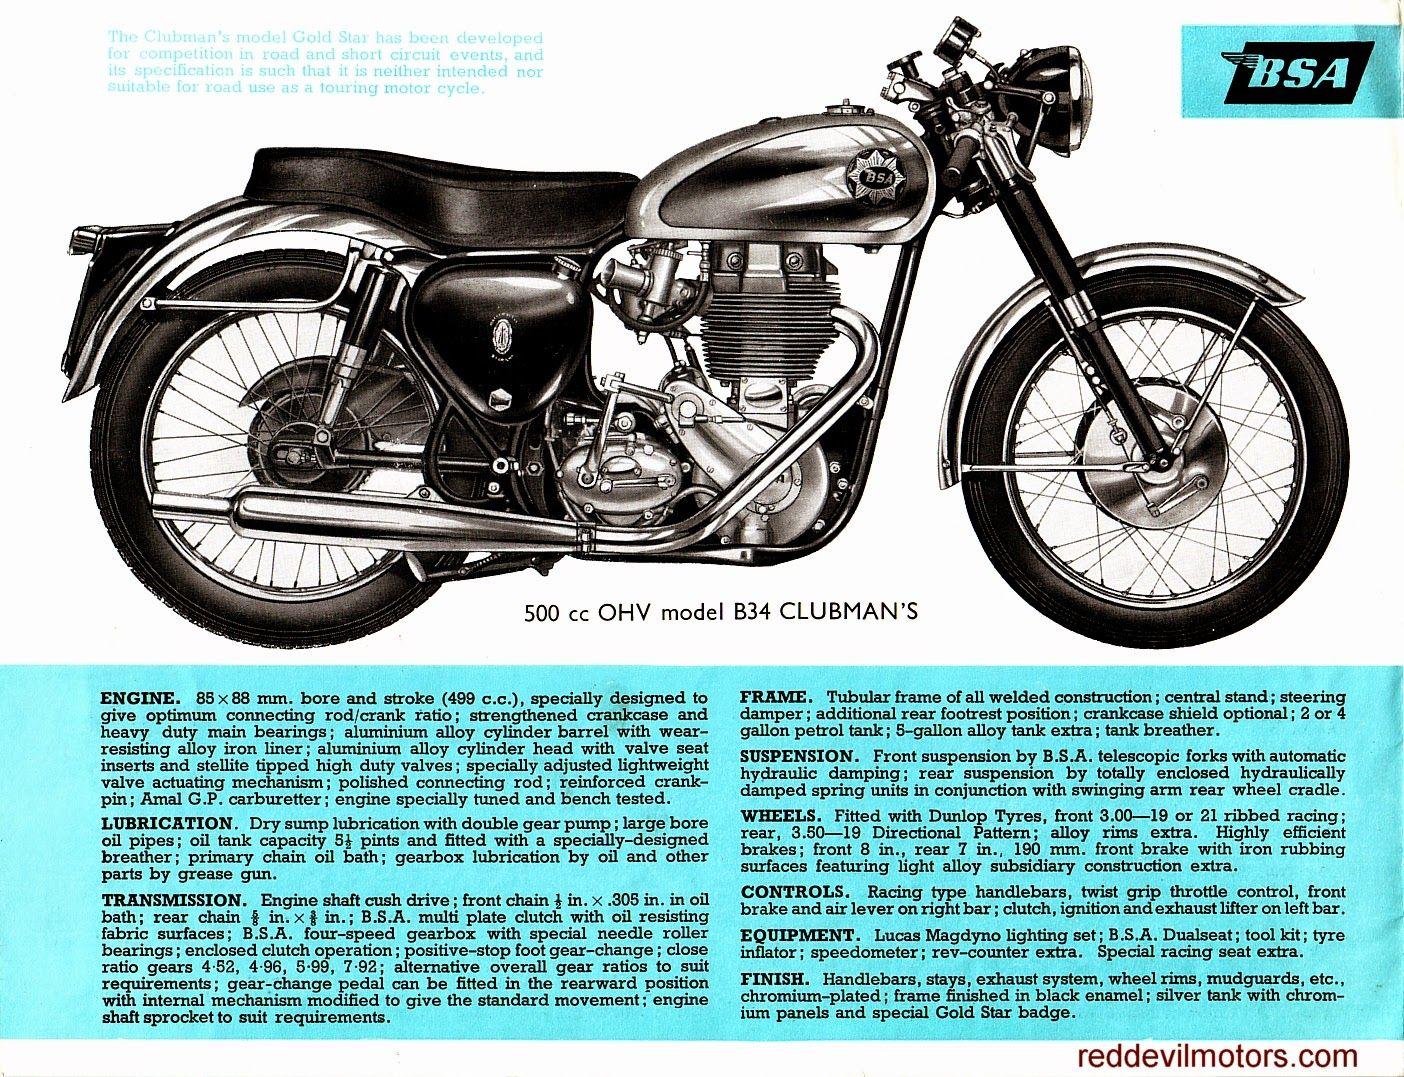 NORTON COMMANDO COLLECTION RANGE MOTORCYCLE VINTAGE POSTER BROCHURE ADVERT A3